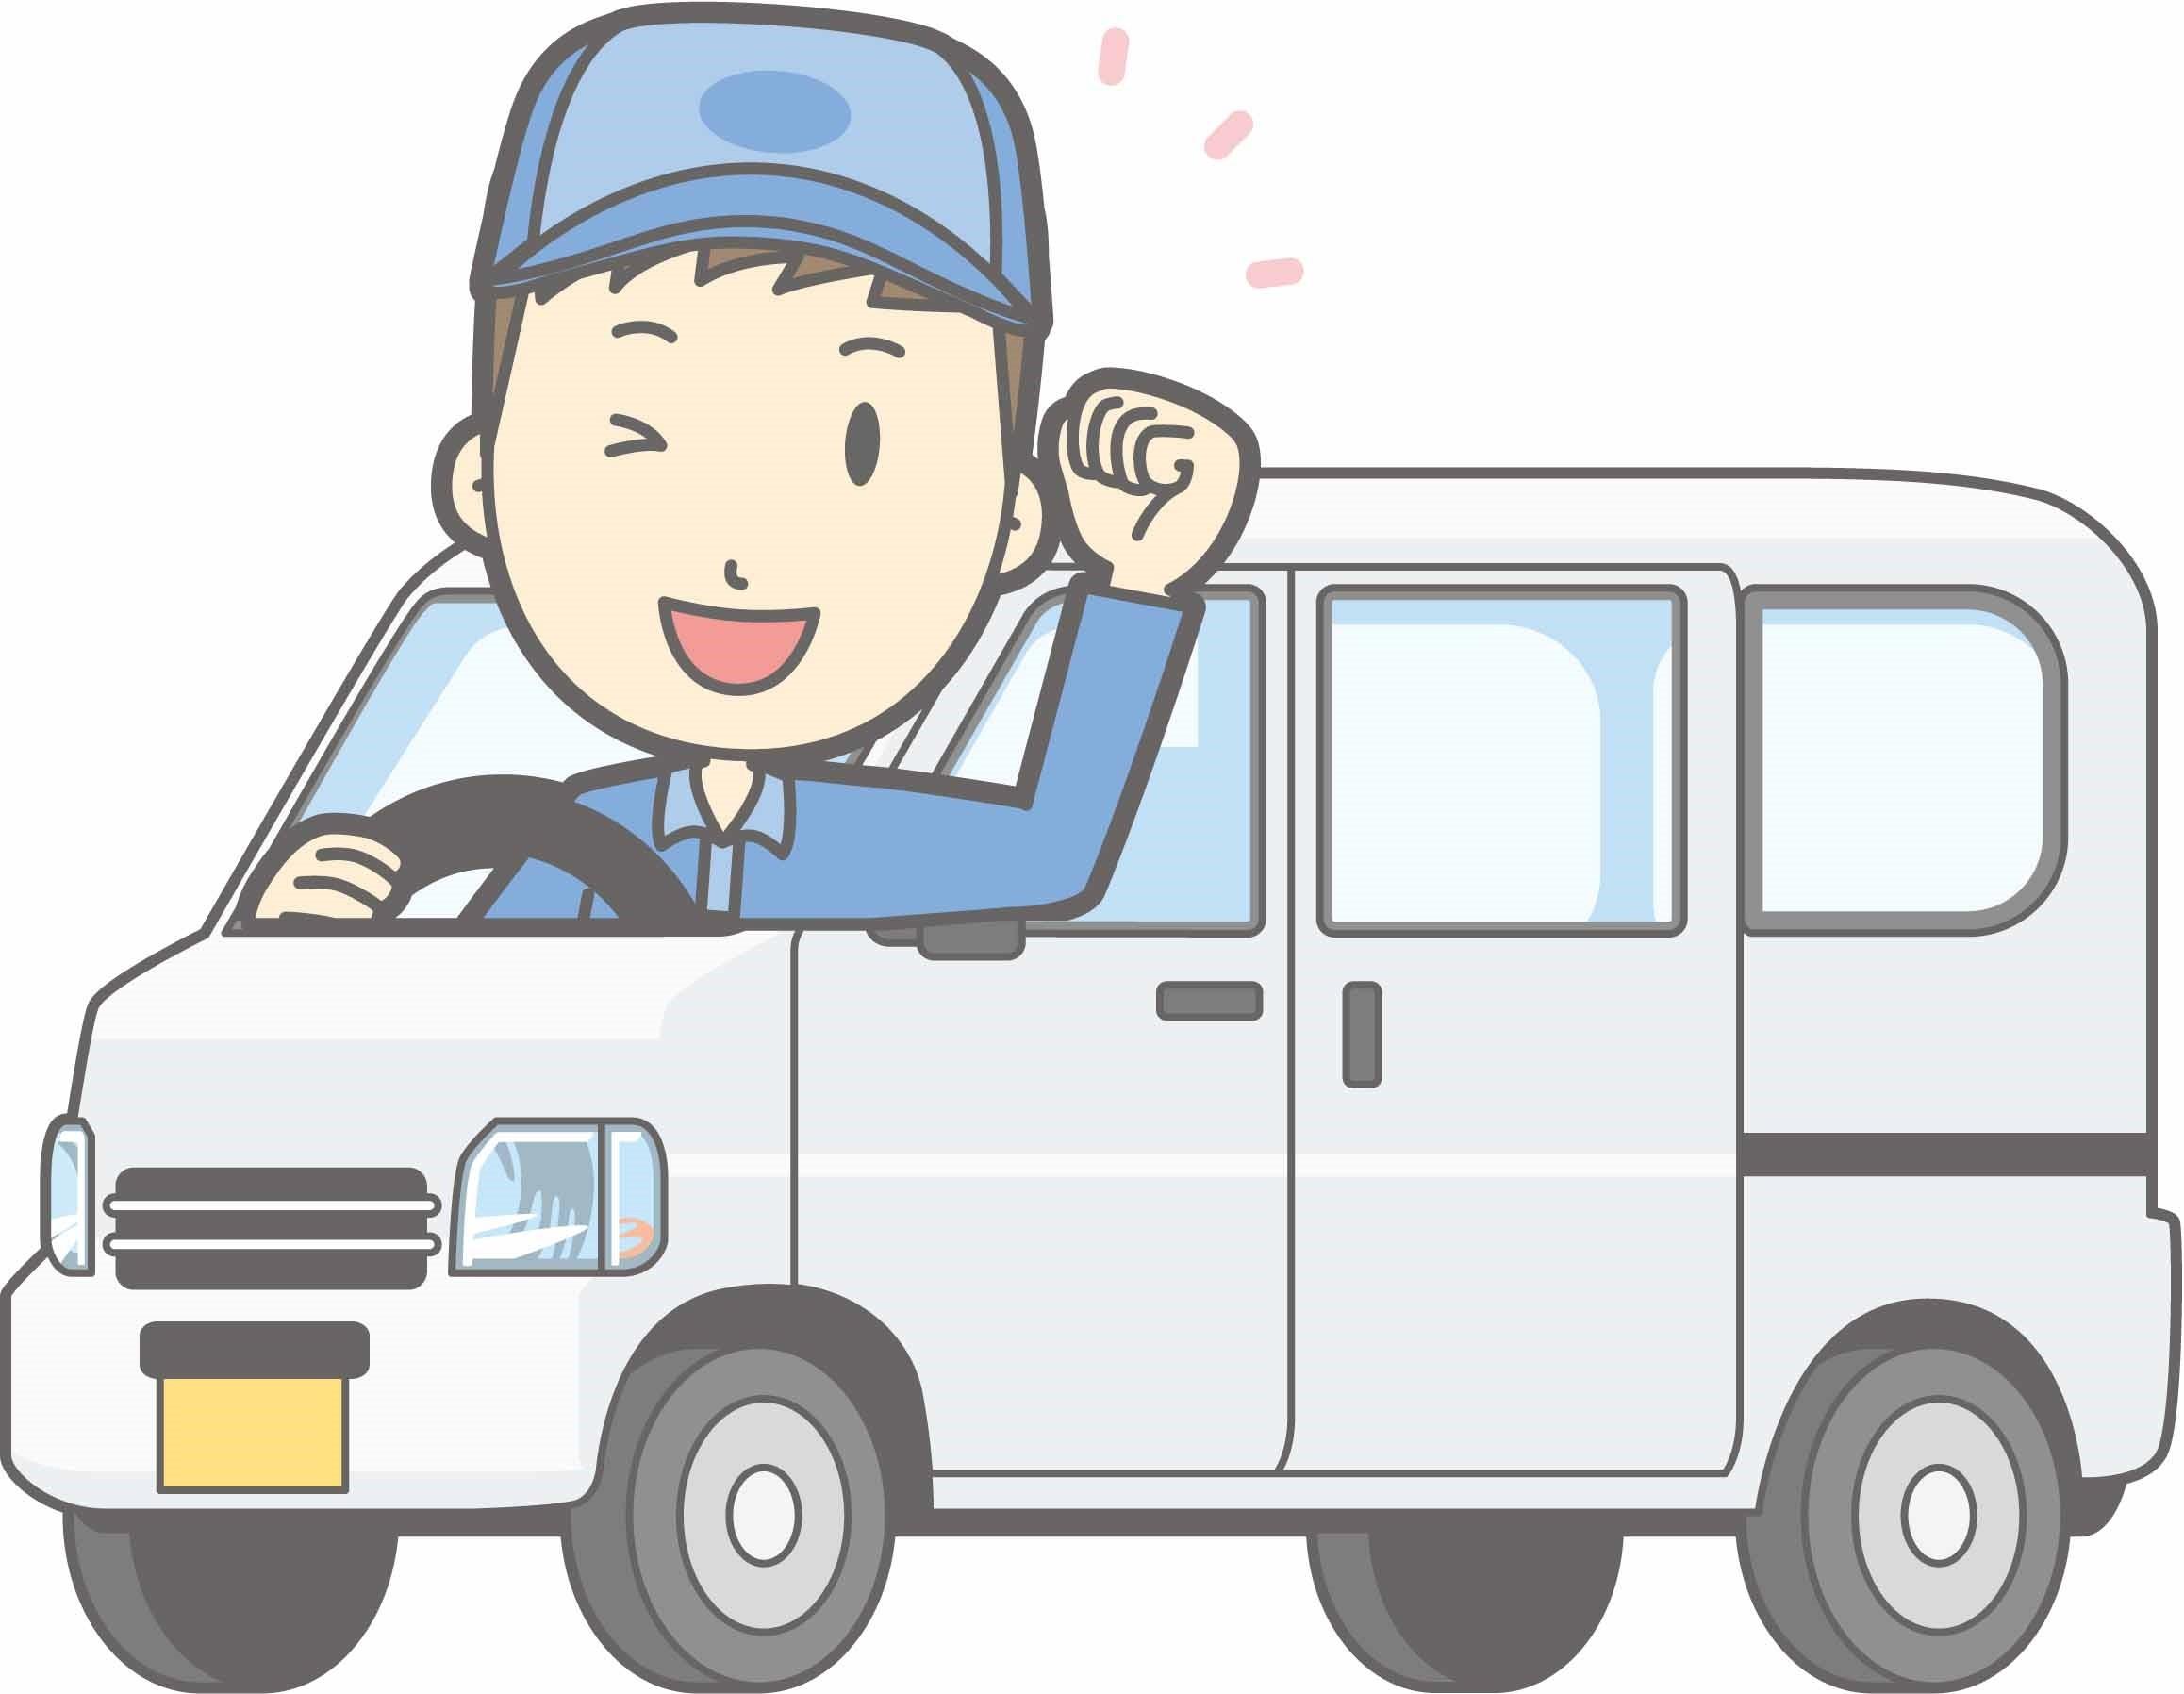 スマートライン株式会社 横浜市港南区日野中央エリア 配達スタッフ(車両)のアルバイト情報